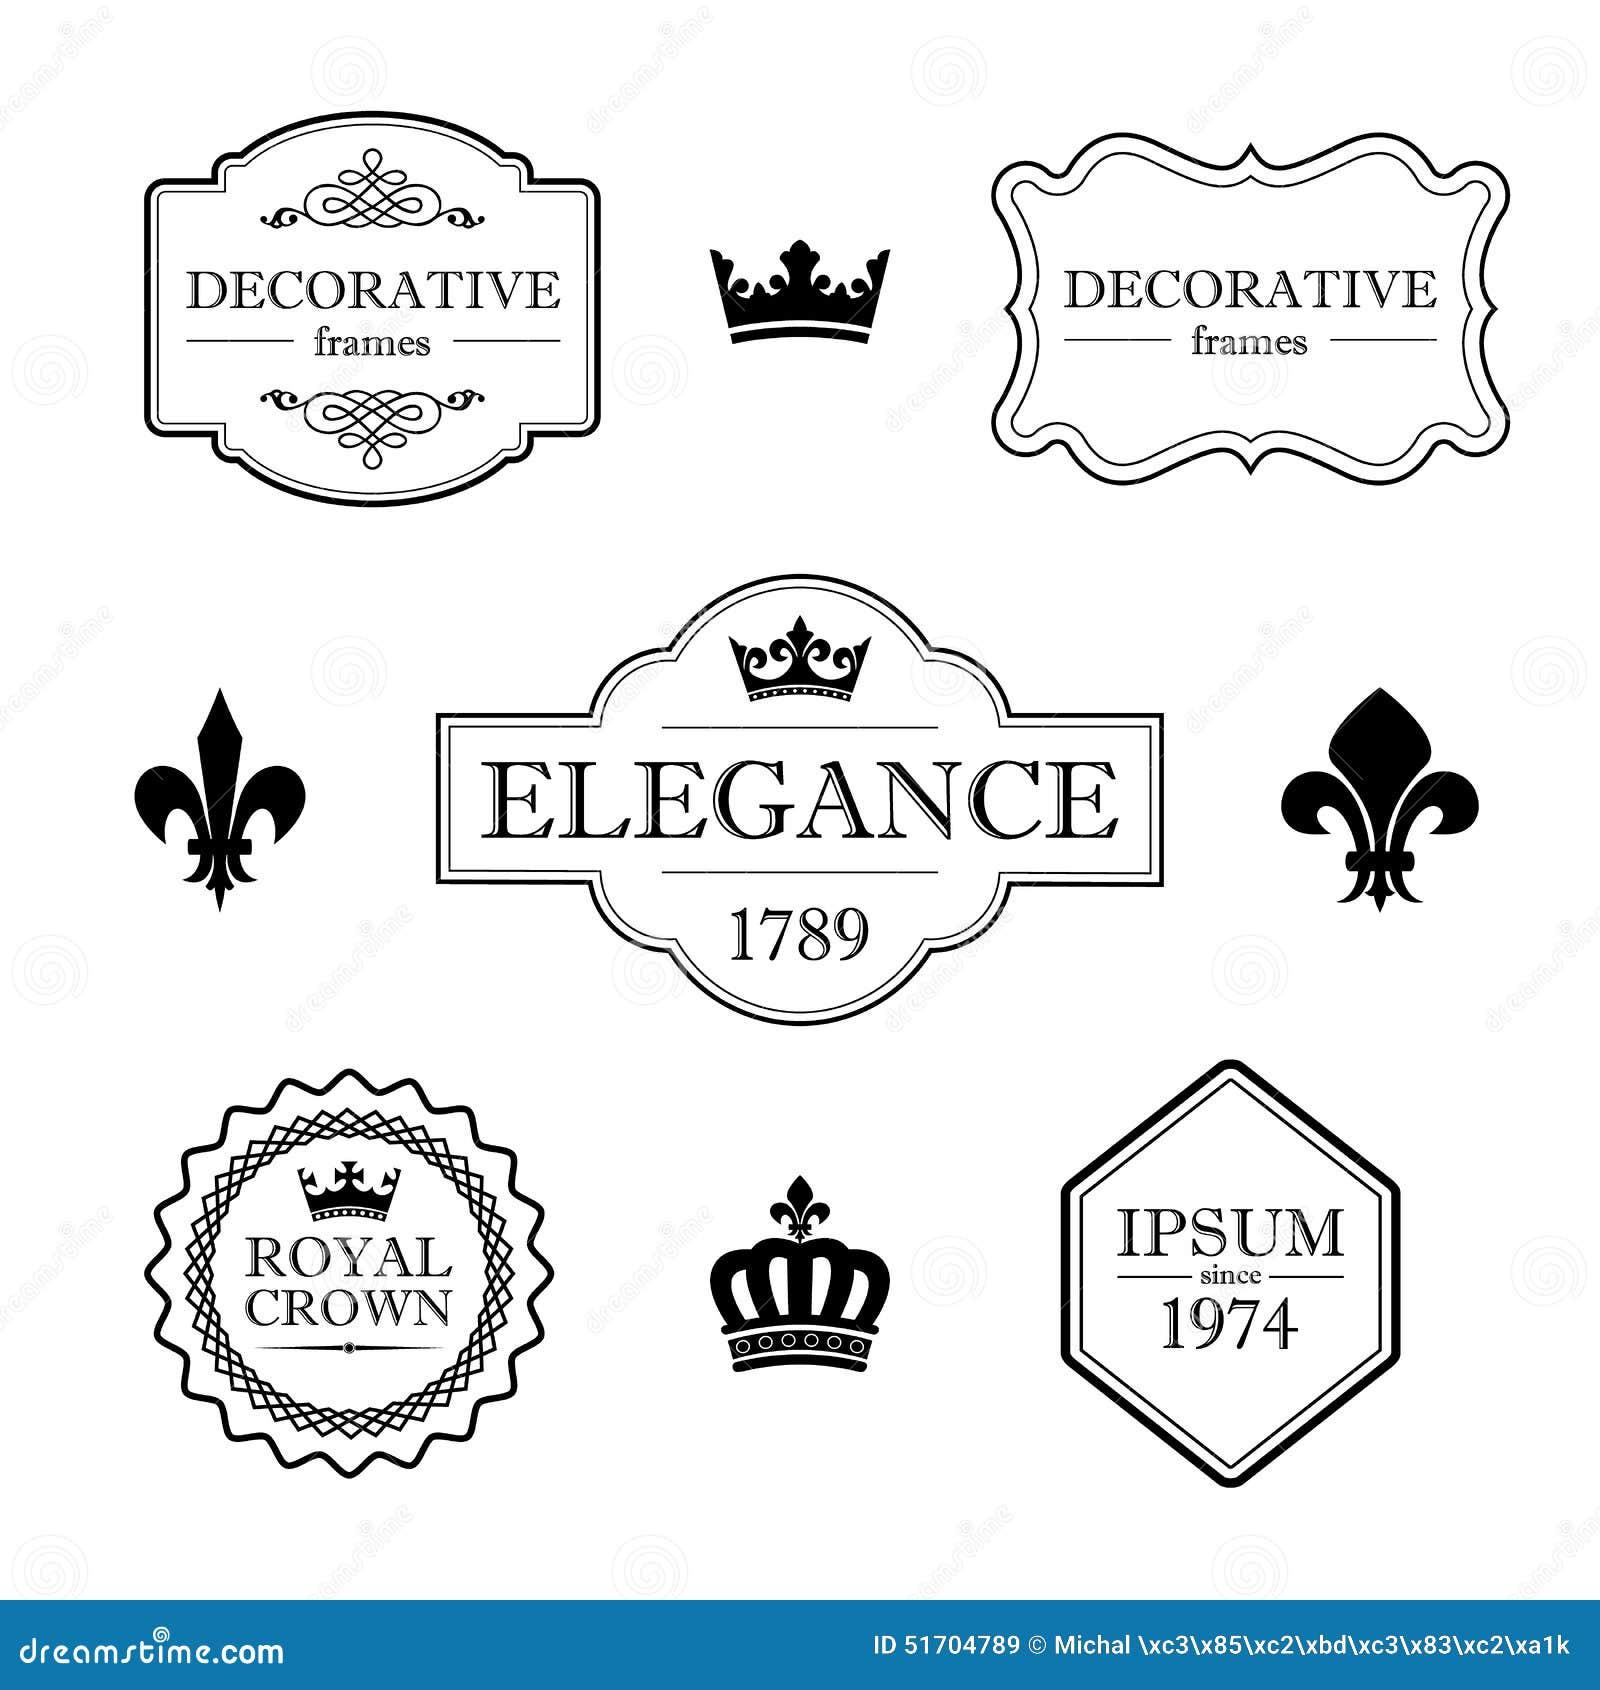 Sistema de los elementos caligráficos del diseño del flourish - flor de lis, coronas, marcos y fronteras - estilo decorativo del